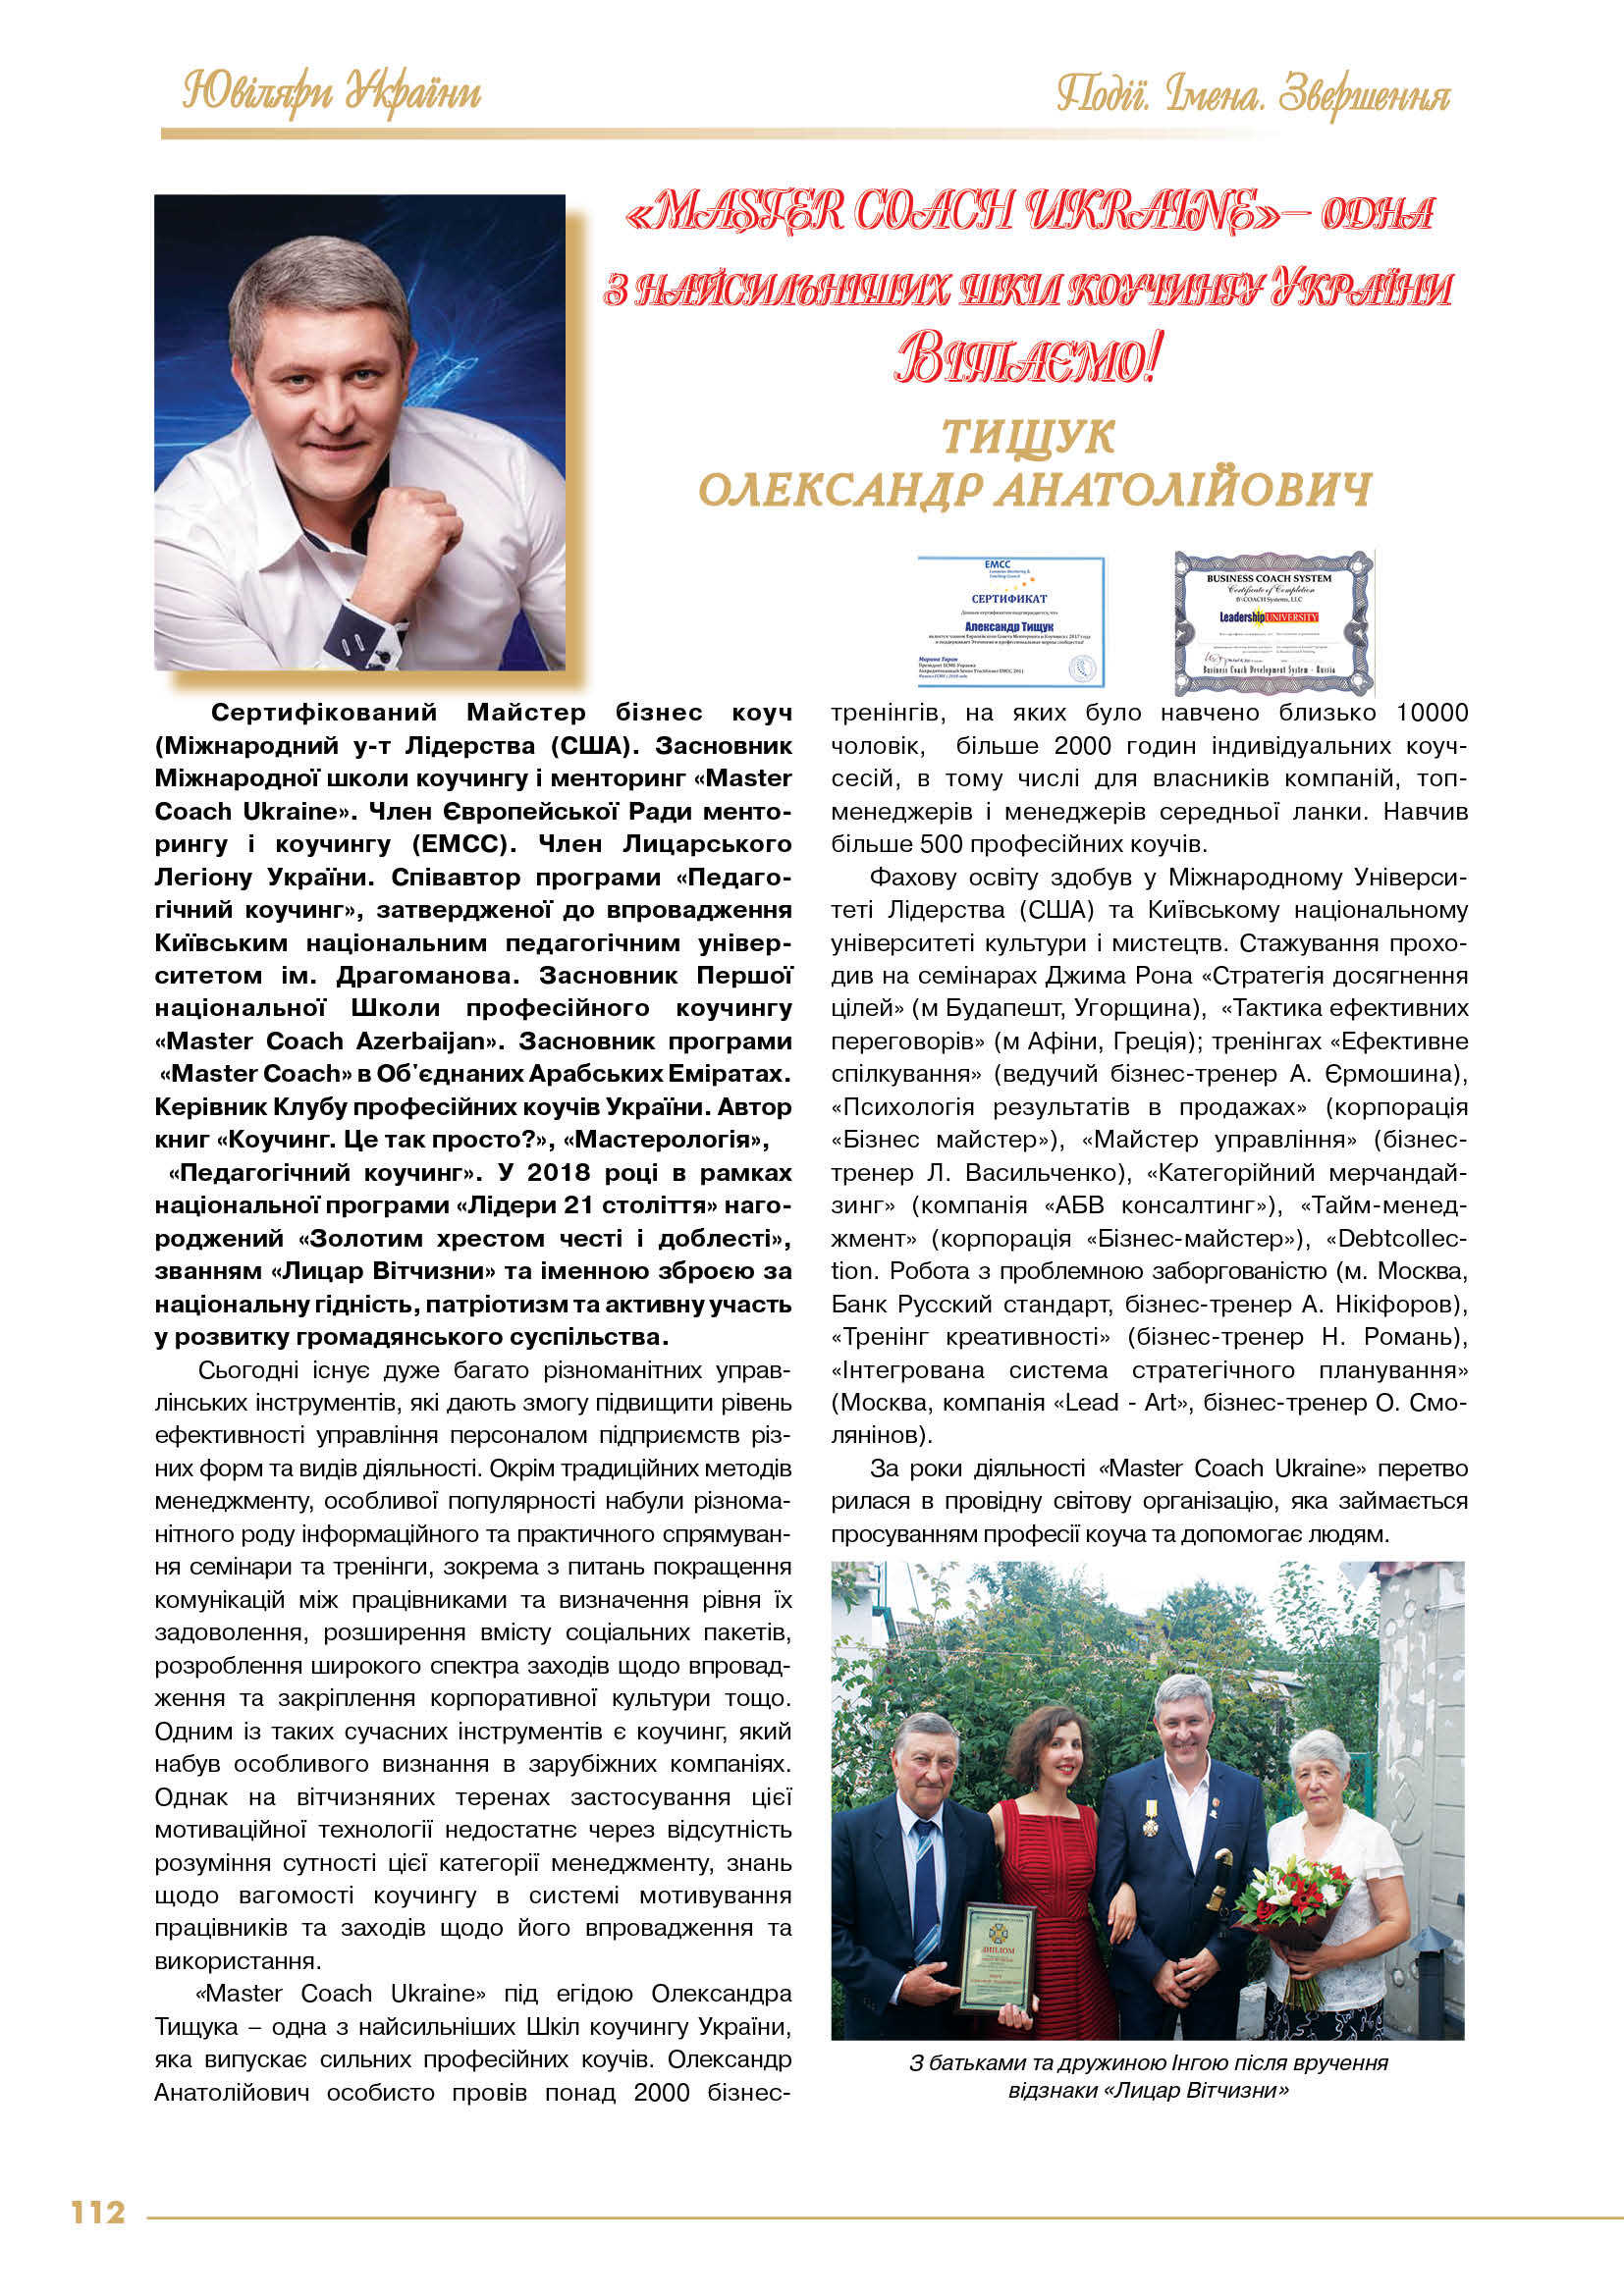 Тищук Олександр Анатолійович